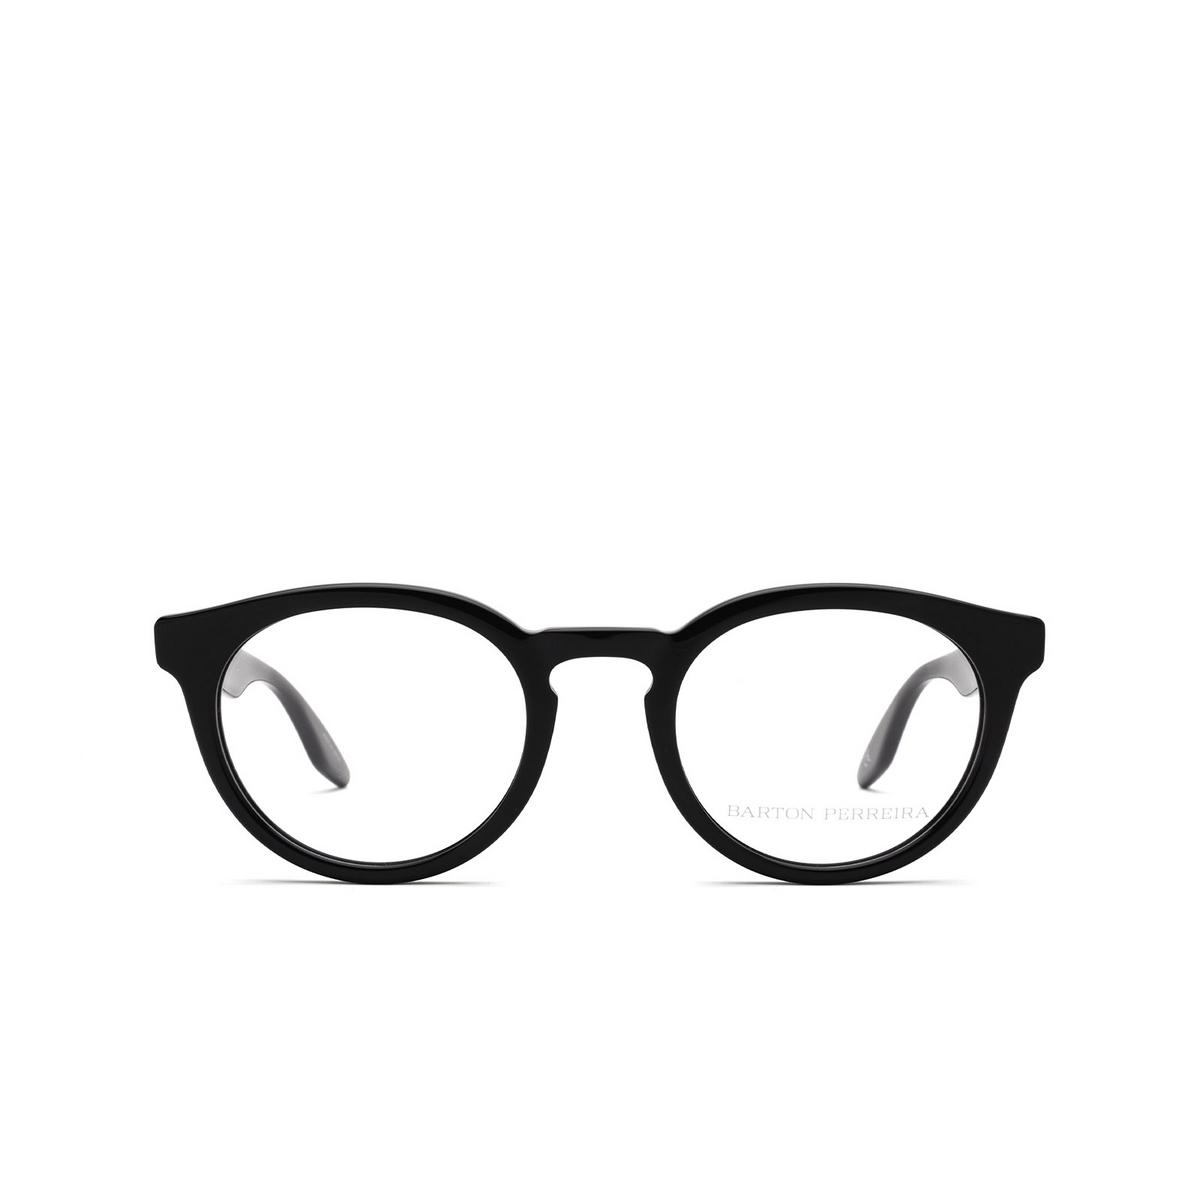 Barton Perreira® Round Eyeglasses: Rourke BP5199 color Black 0EJ - front view.